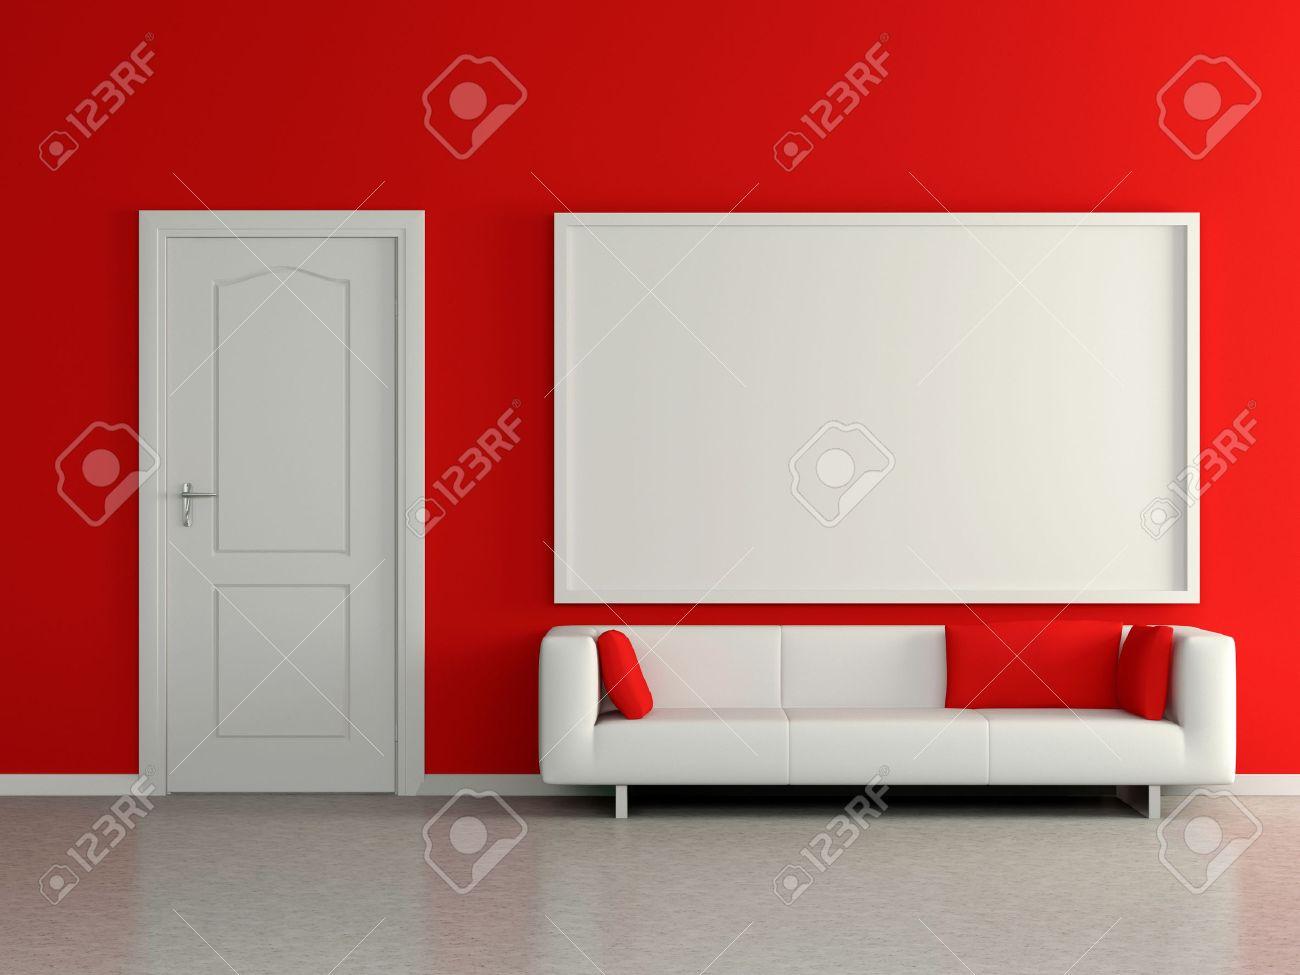 Intérieur De La Maison Moderne Avec Canapé Près Du Mur Rouge Et La Peinture 3d